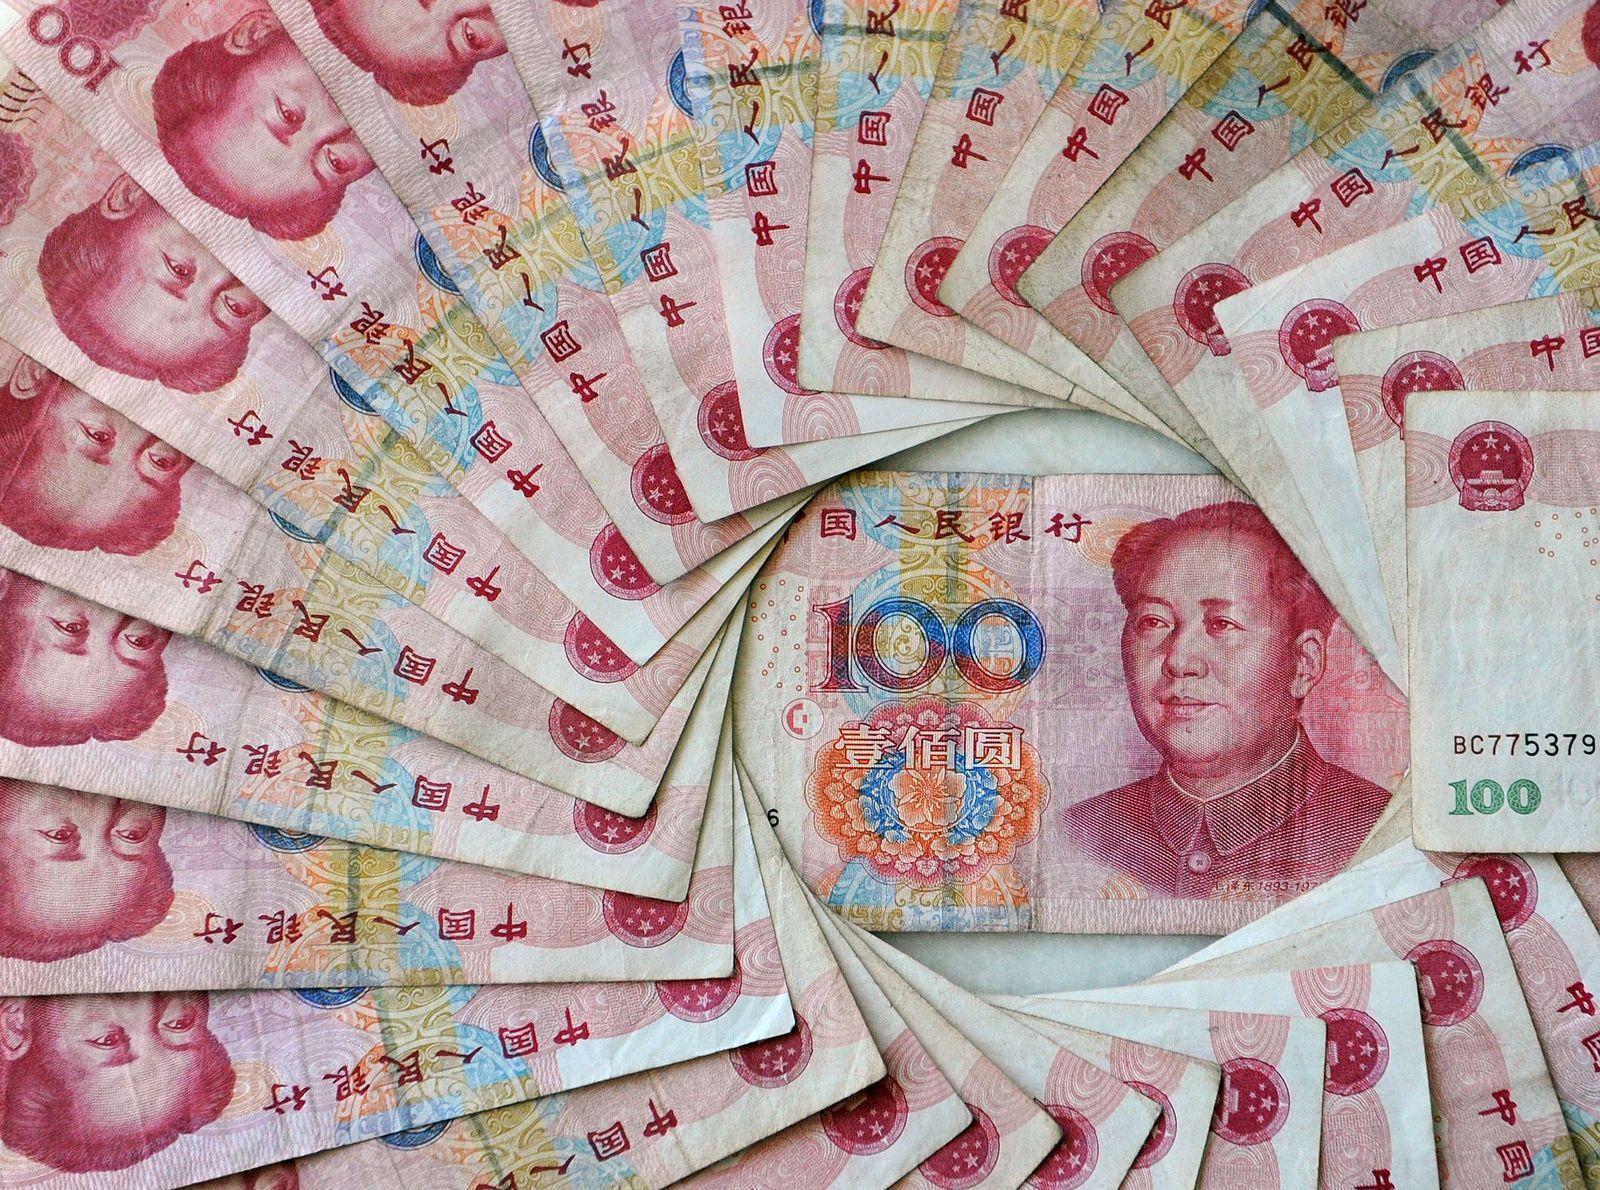 china cic yuan renminbi